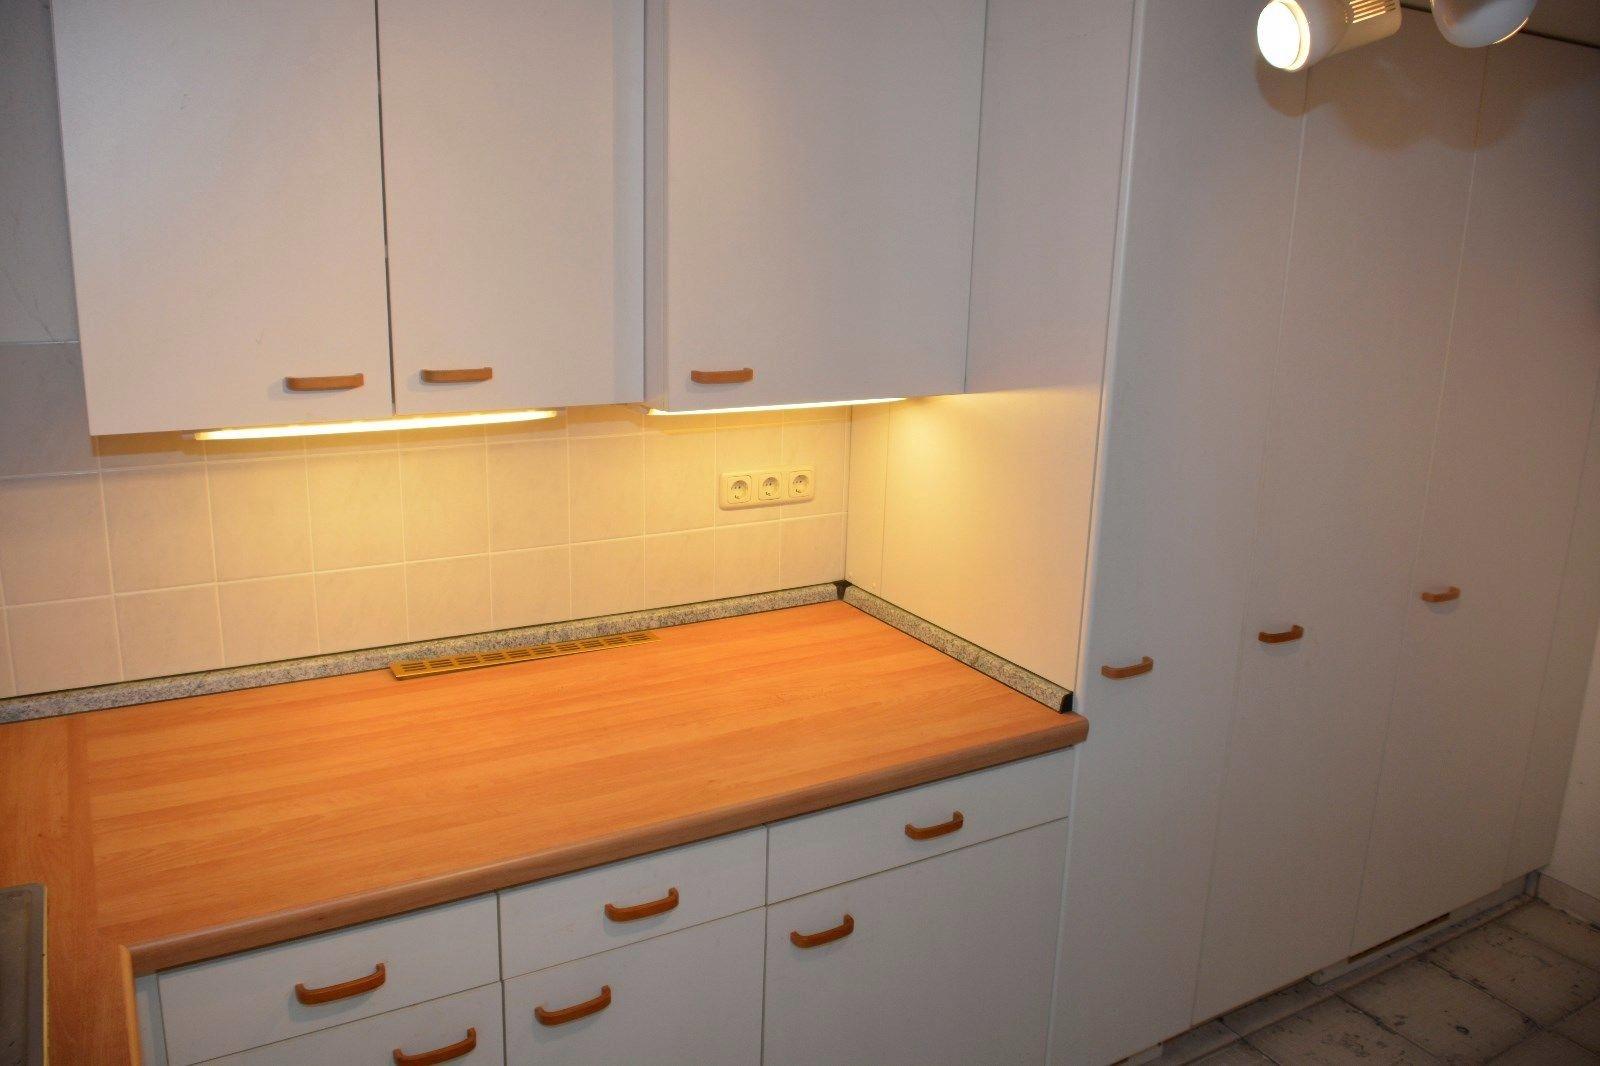 Kuchnia Biala Ikea Faktum Mozliwosc Transportu 7694187742